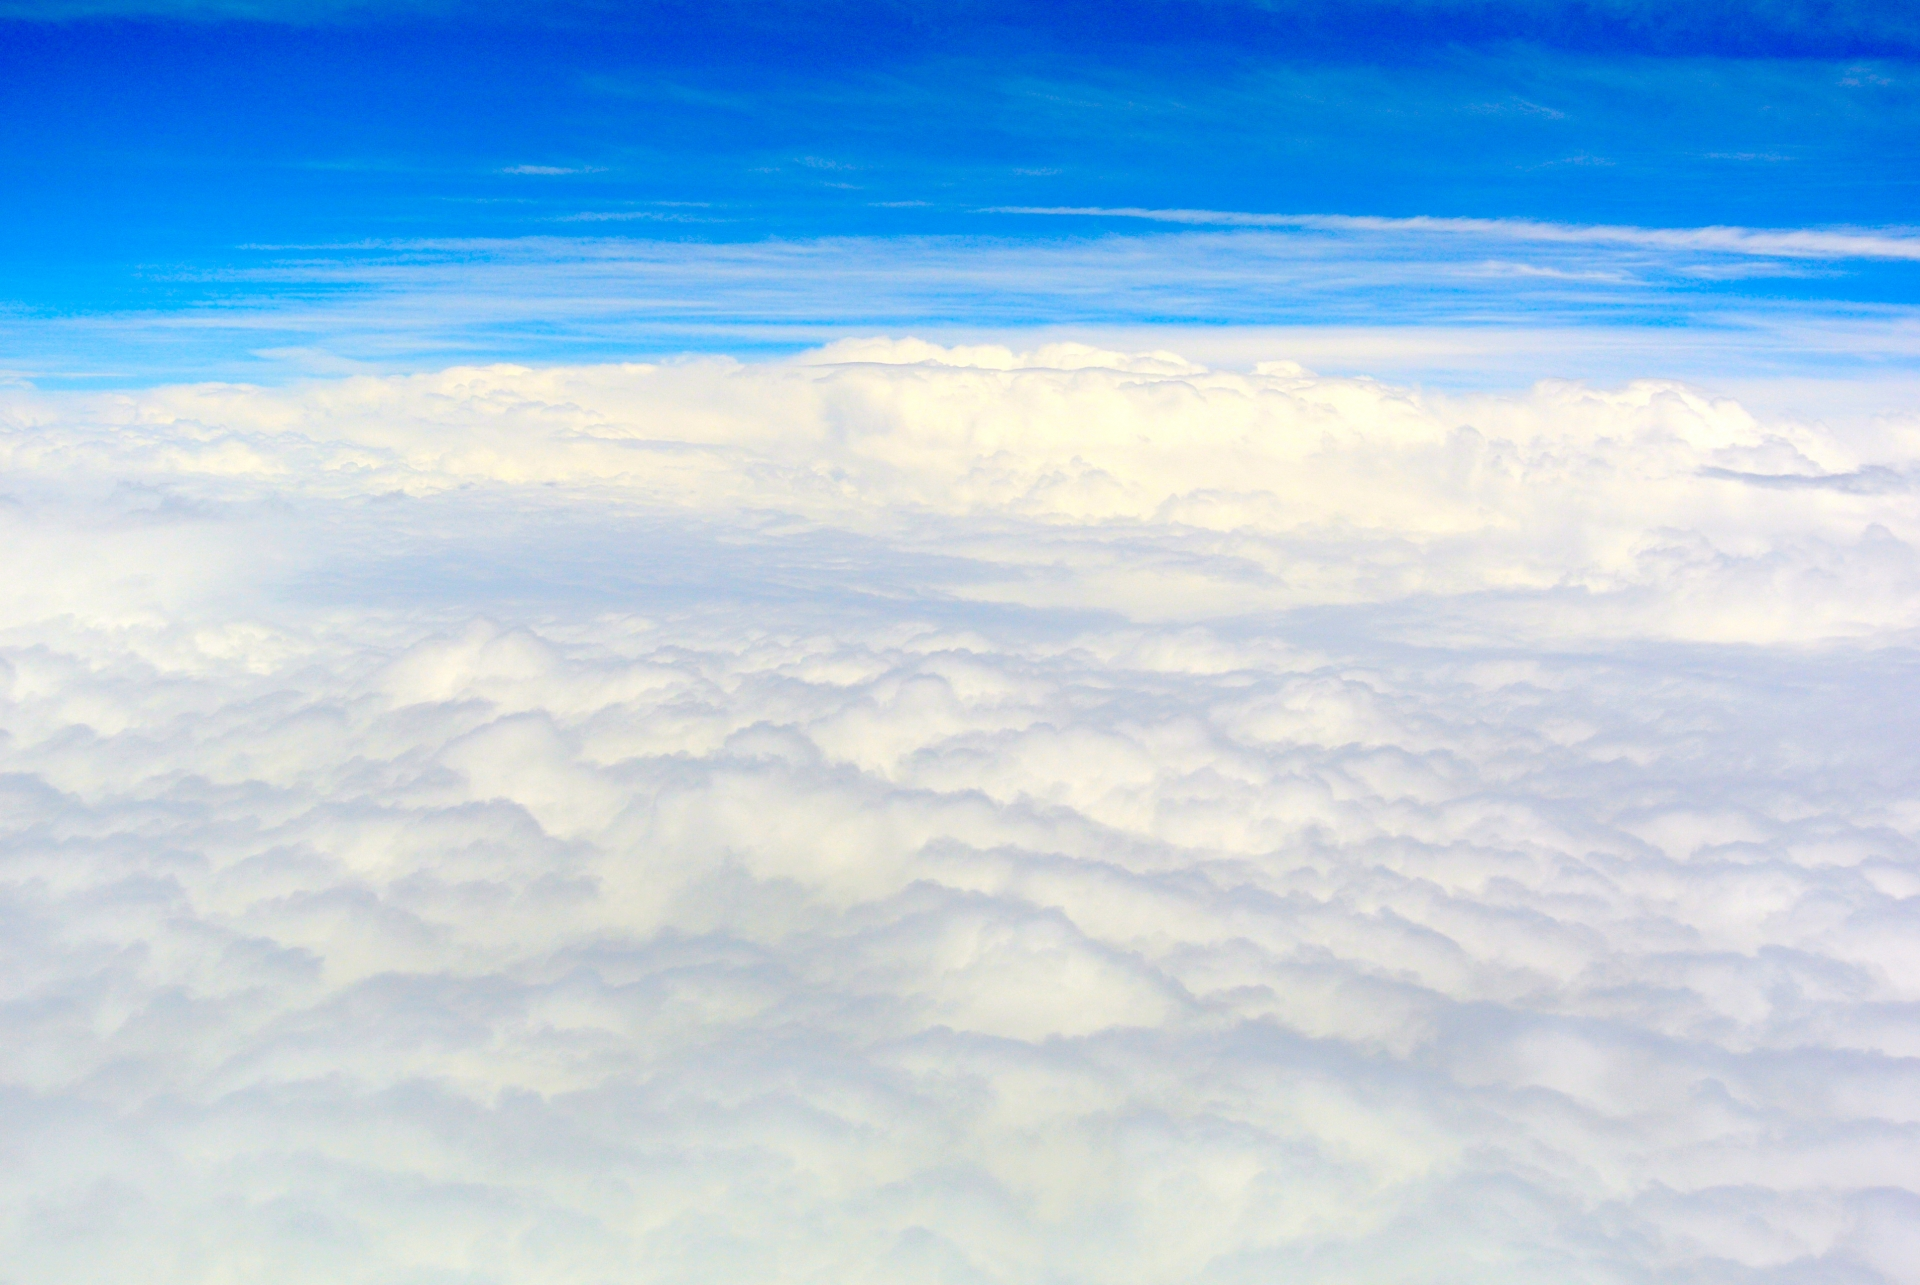 台風と熱帯低気圧の違いと定義とは?